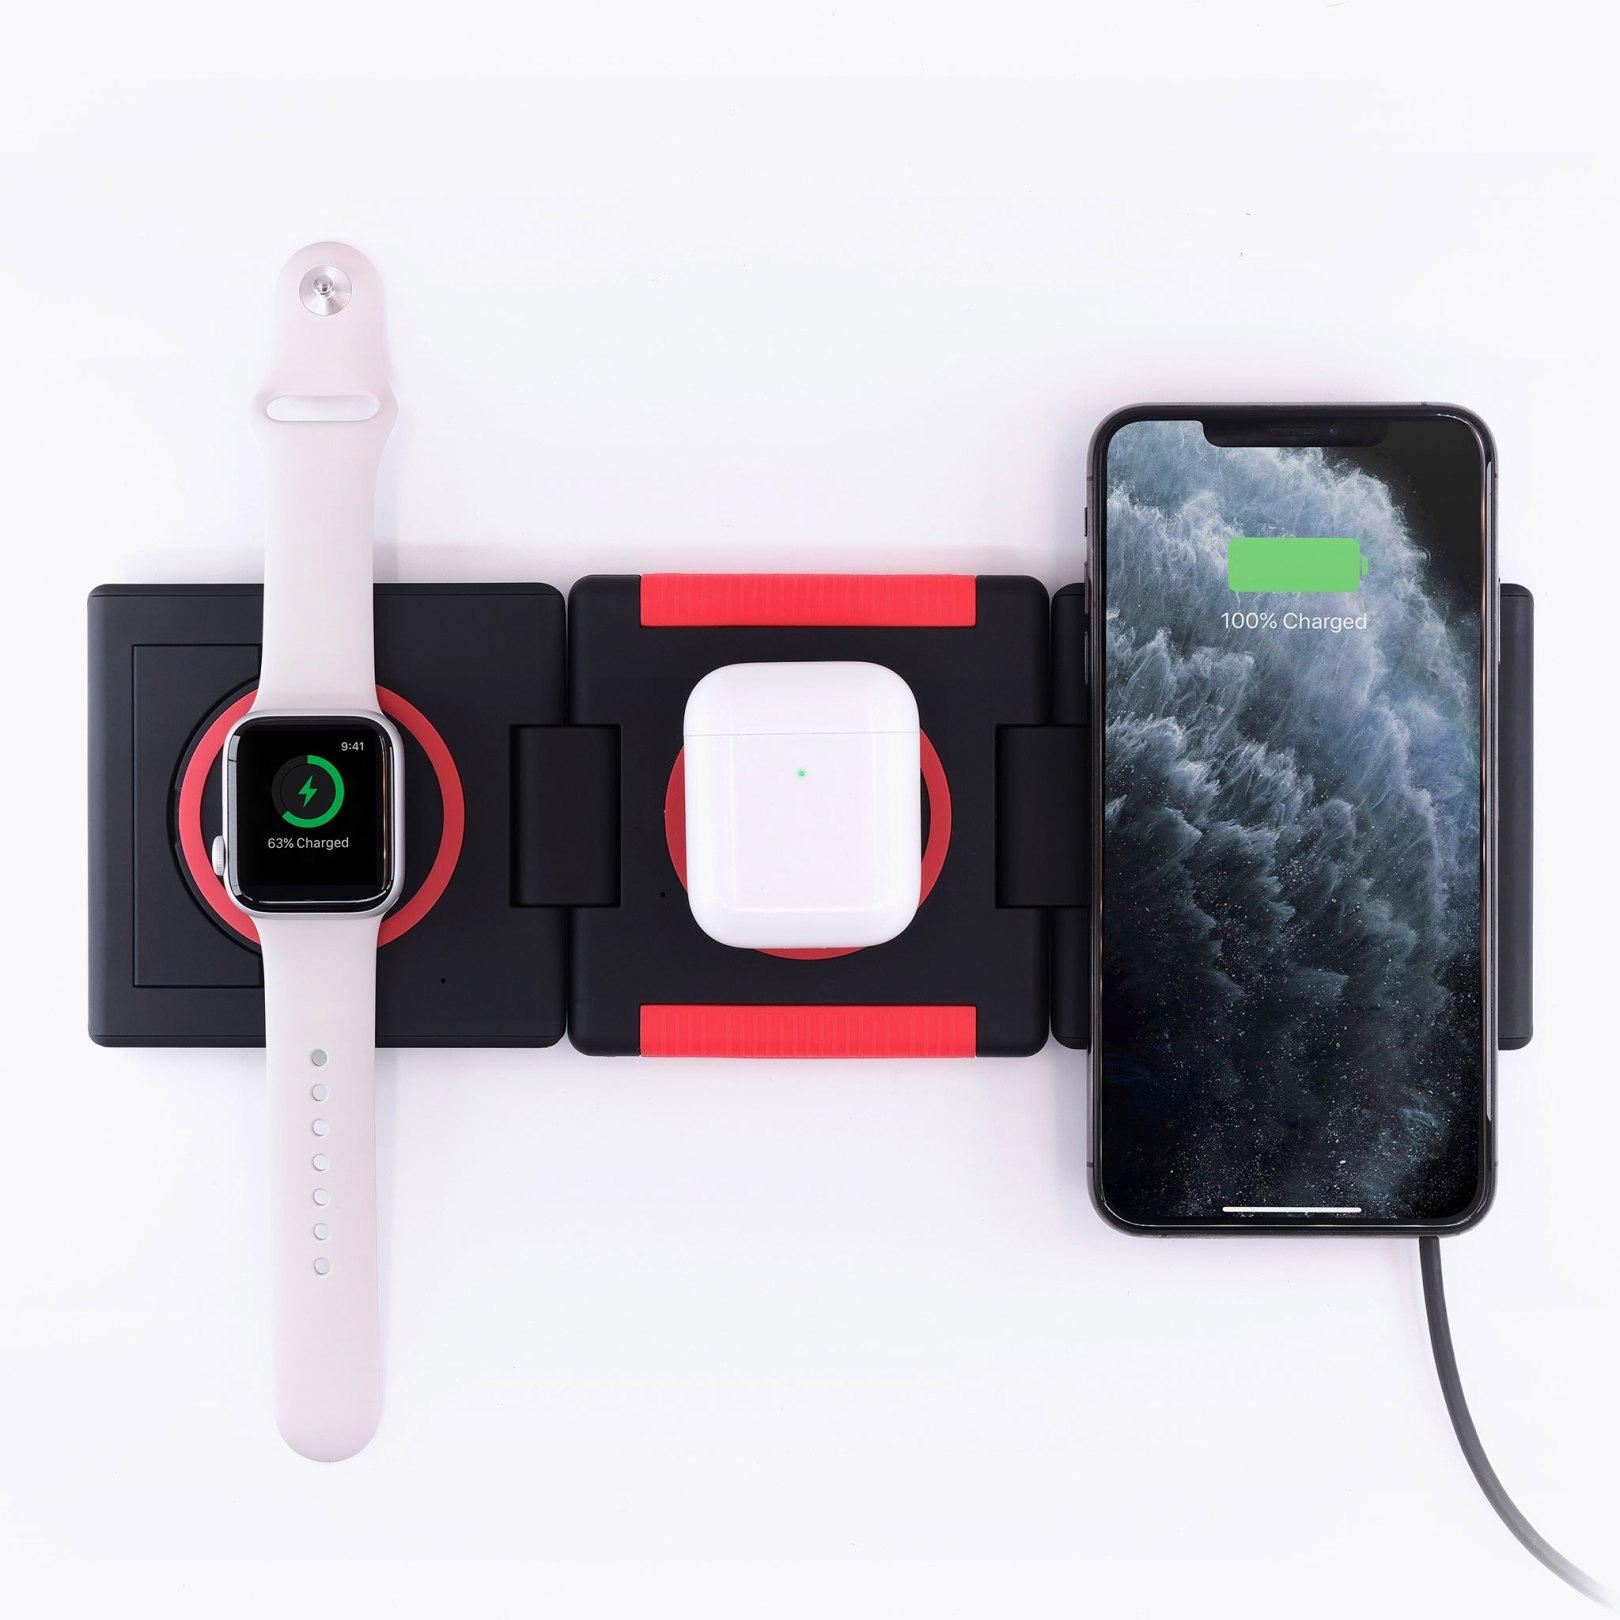 station de recharge Unravel chargeur téléphone Apple Watch Ampere Amperetech AW QI induction